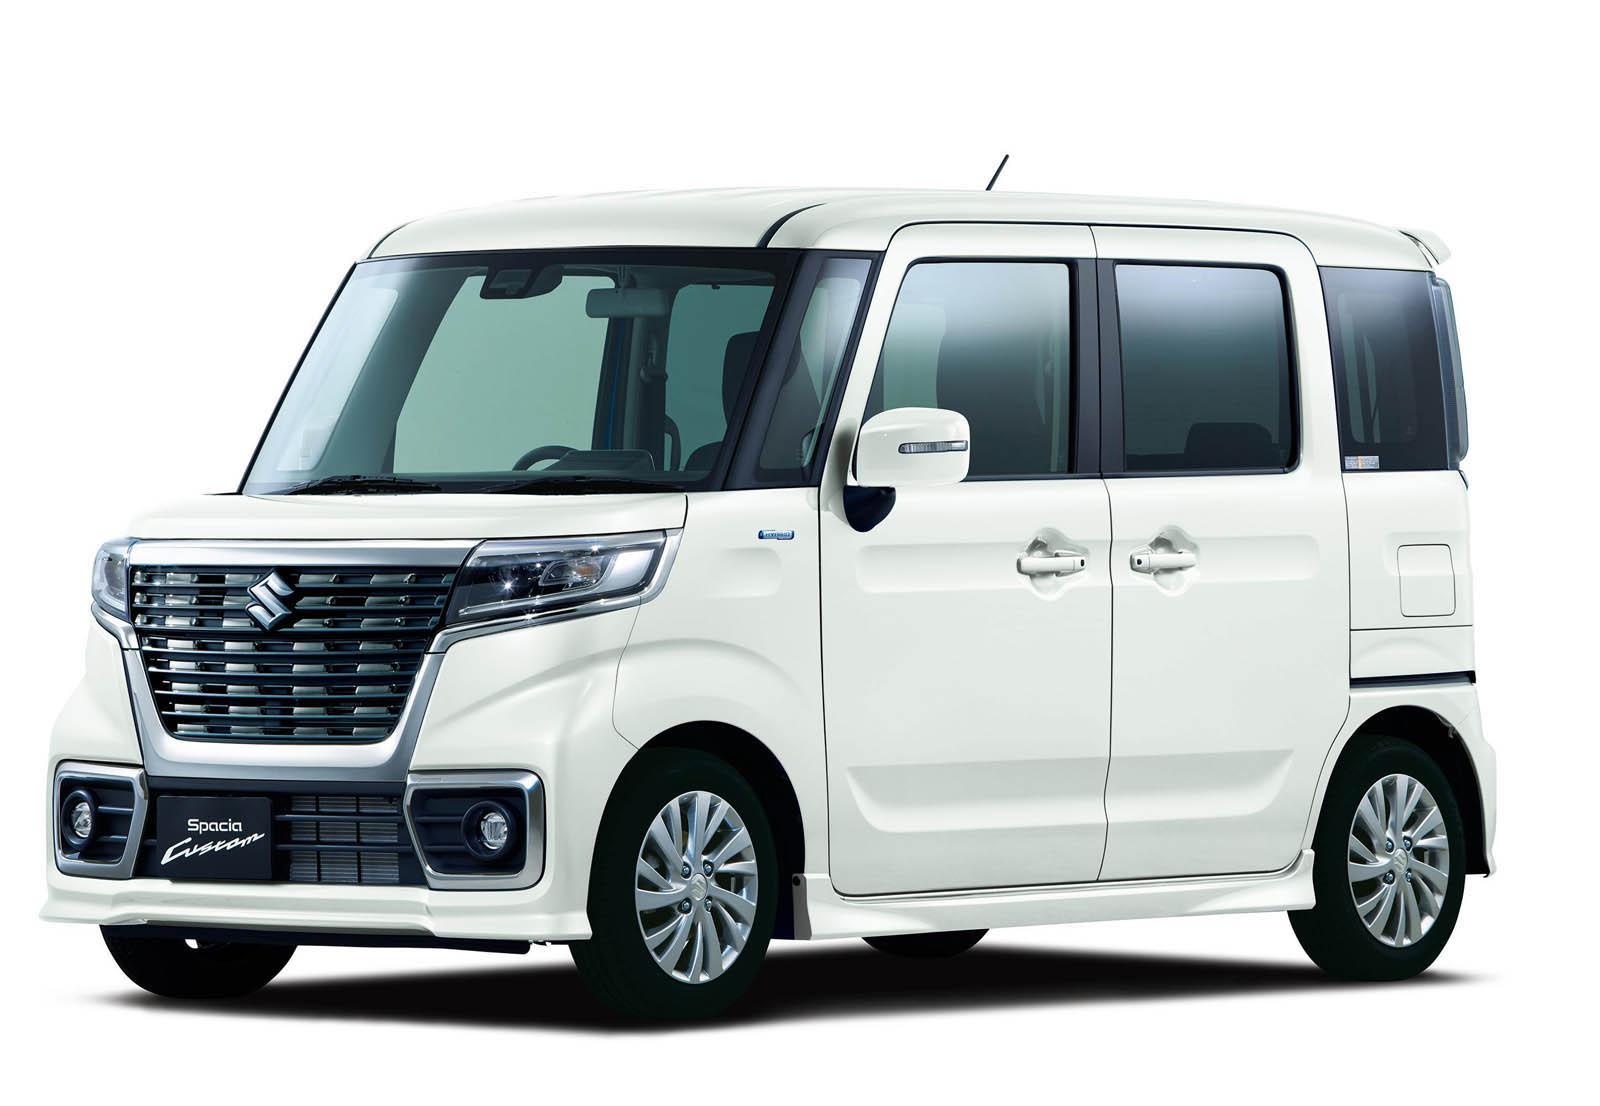 Suzuki Spacia 2018 (31)